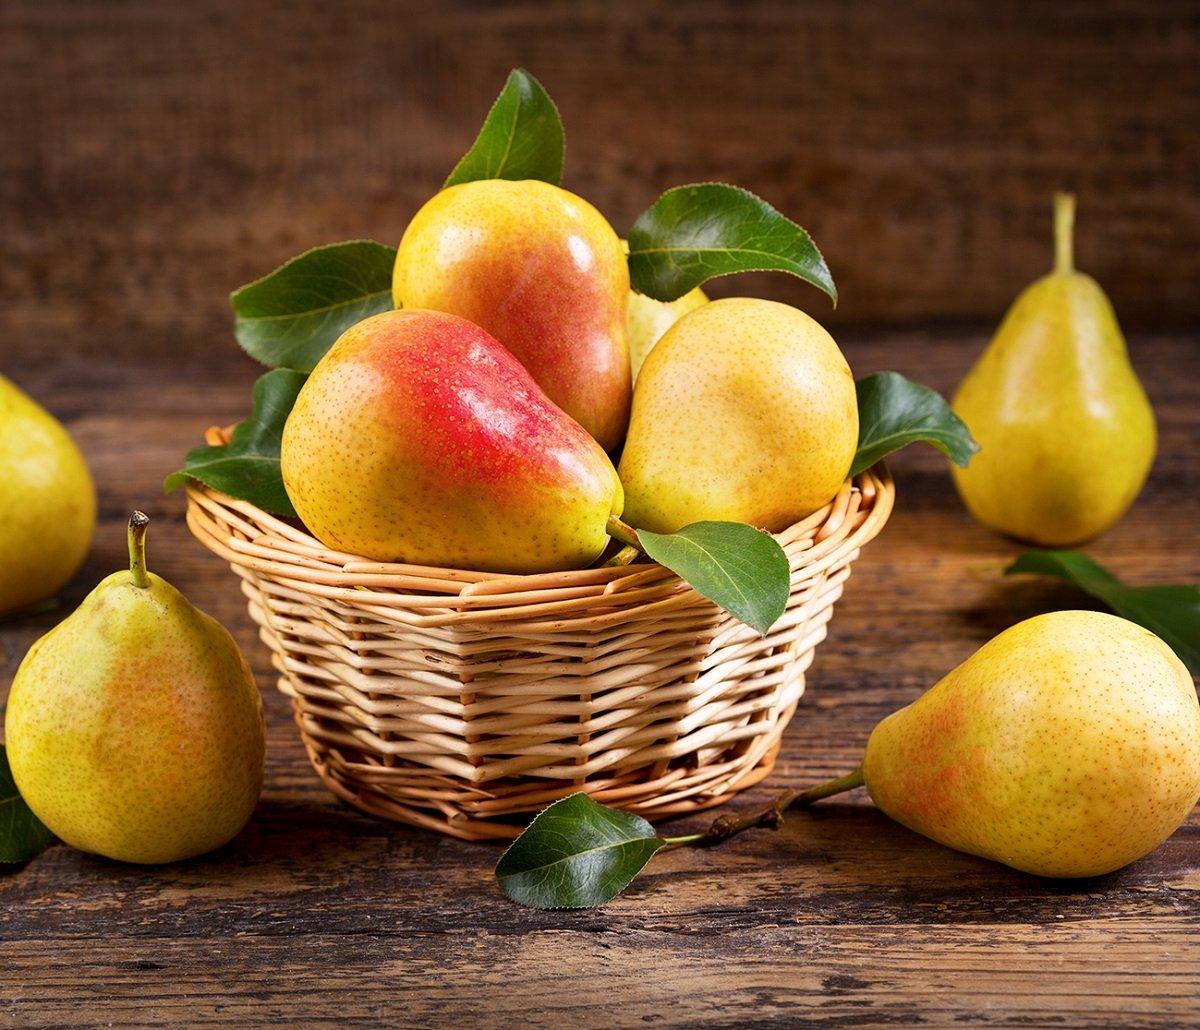 Що зміниться в організмі, якщо їсти груші щодня